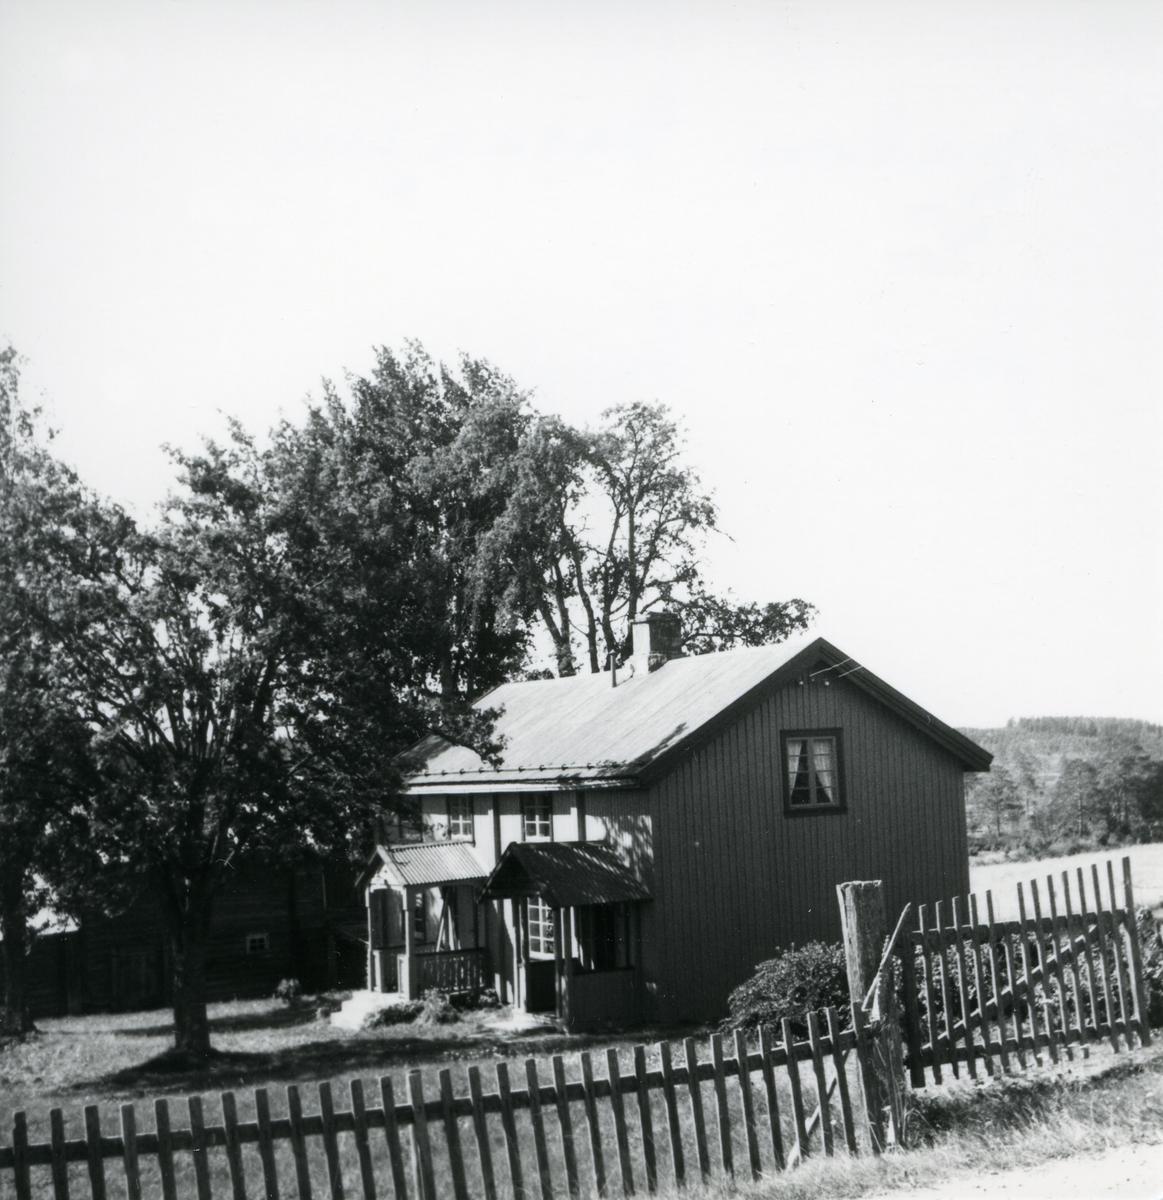 Samme bilde som 781, men mjølkrampa er borte. Jons i Galåsen (stort tuntre til venstre, gjerde og grind i forgrunnen).